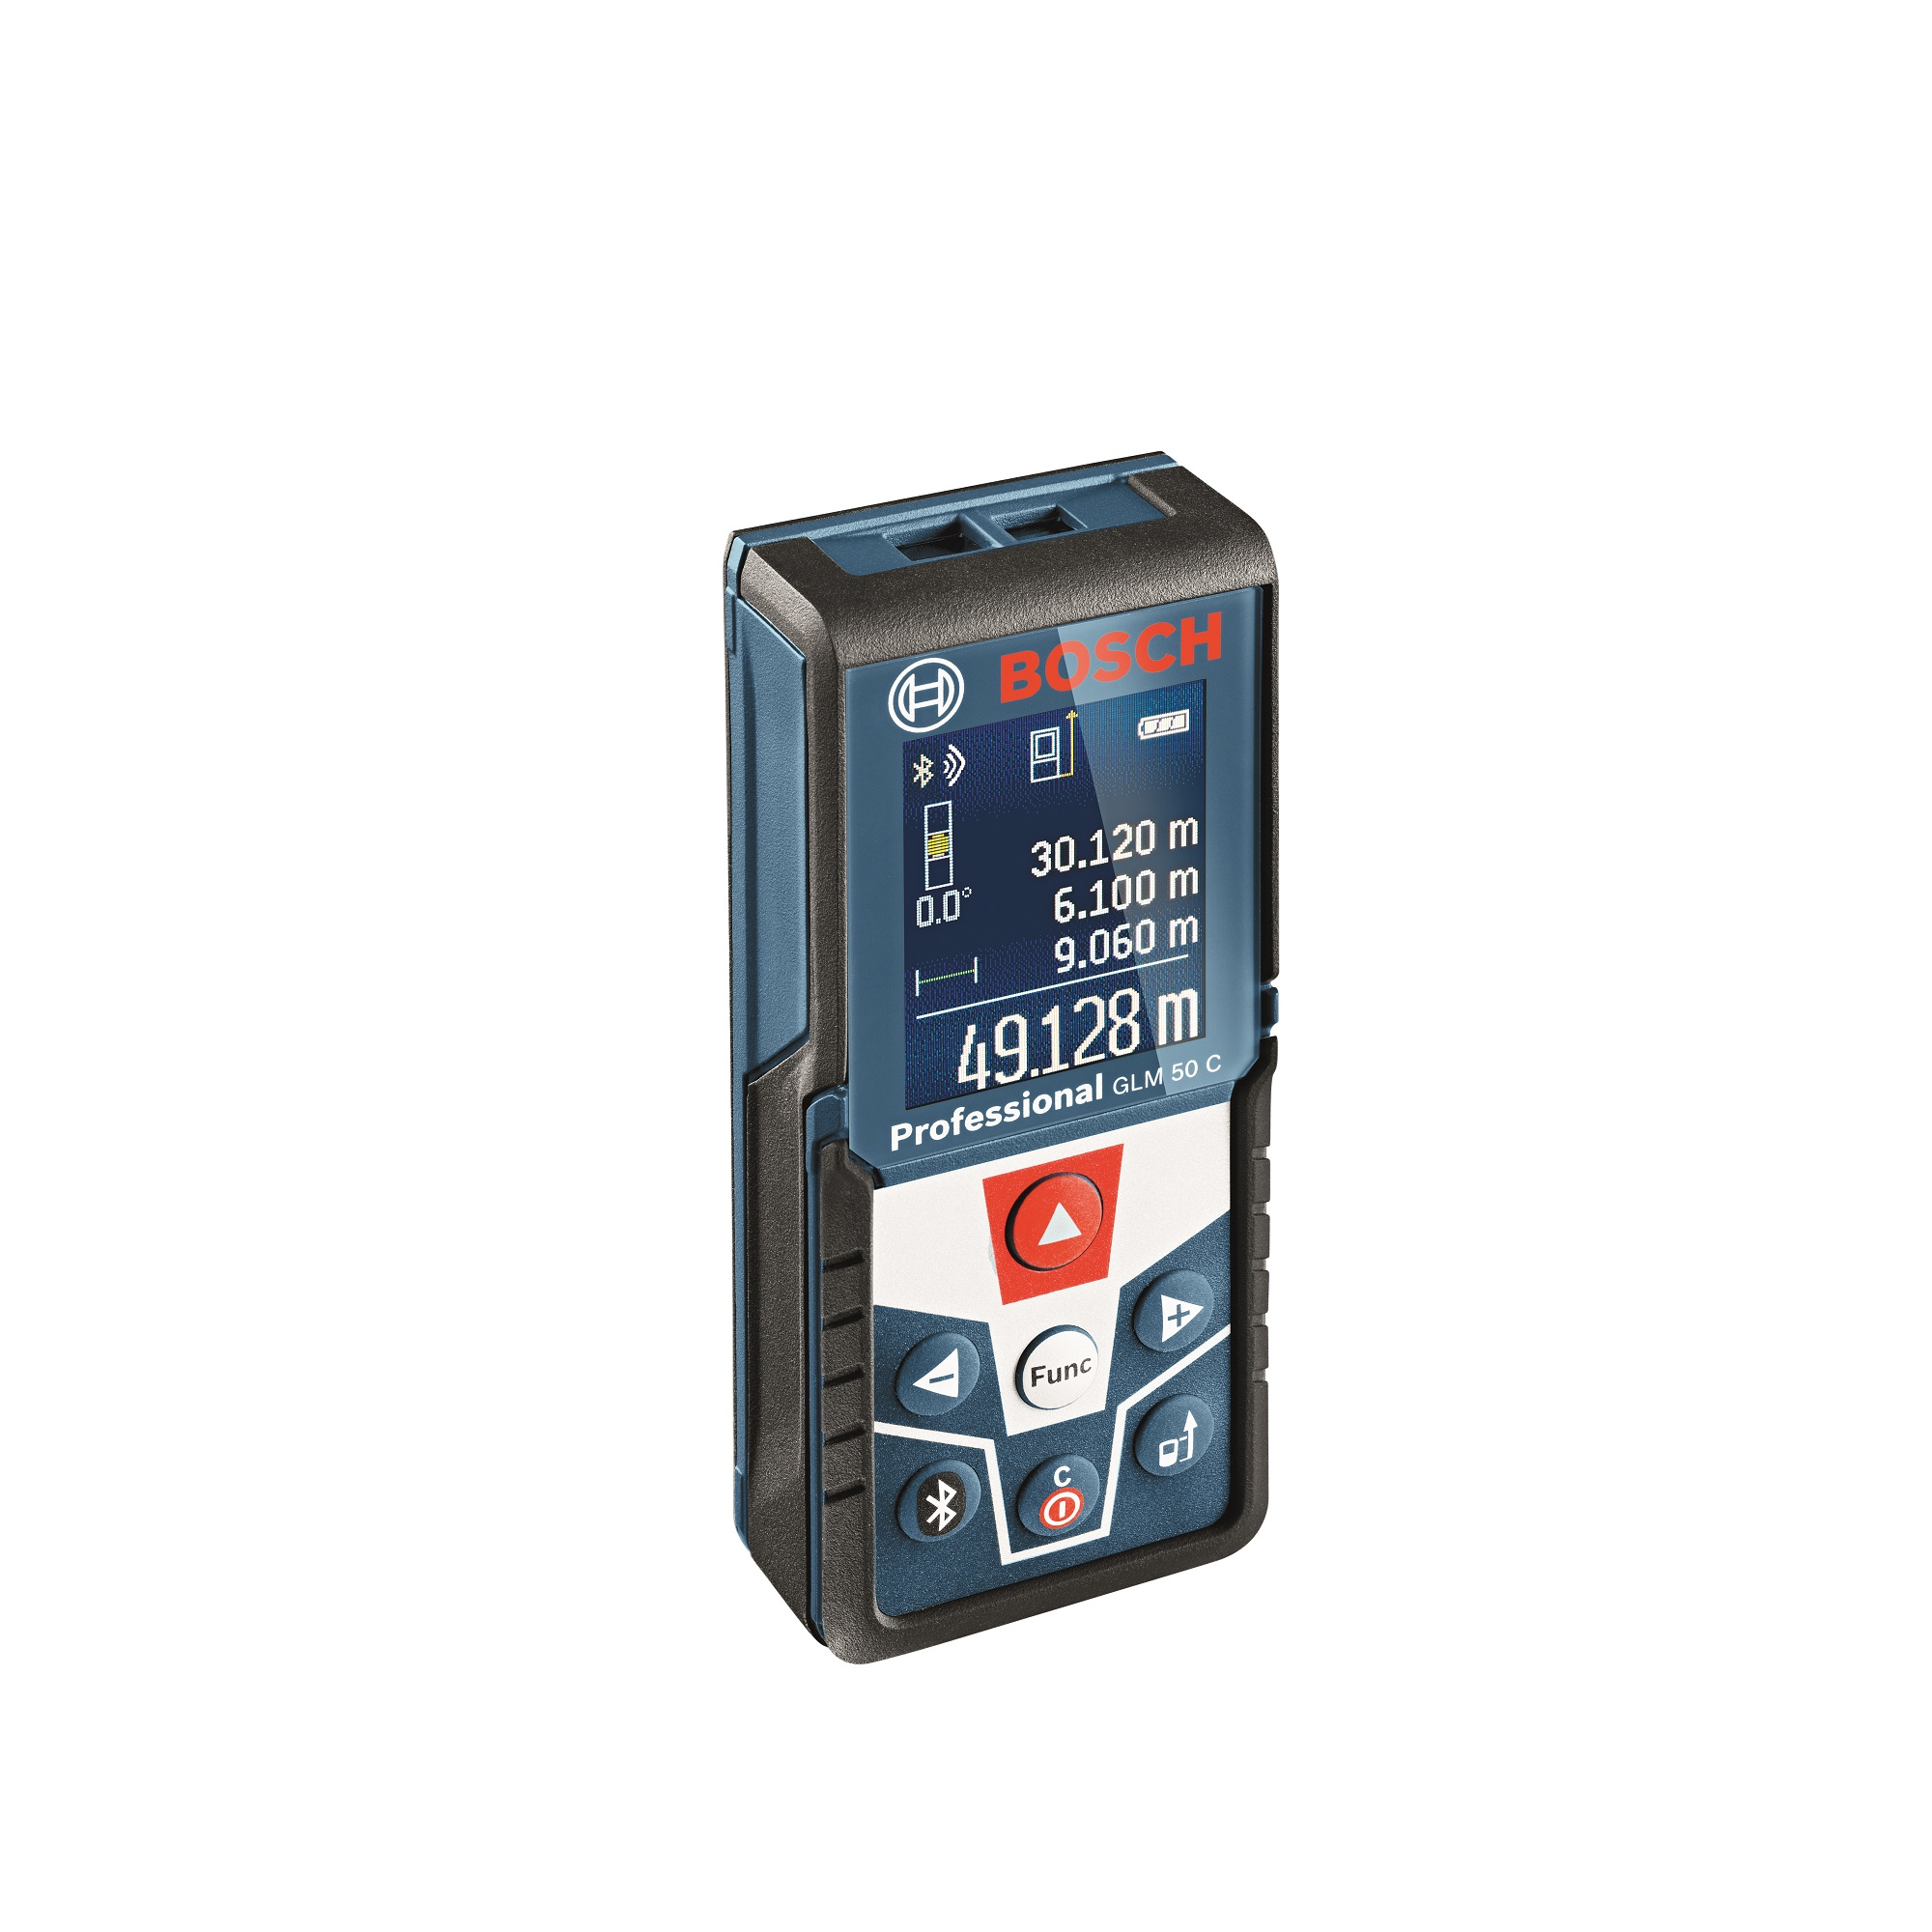 Telemetru Bosch GLM50 C Professional cu dioda laser 635nM, 0.05-50 m, deconectare dupa 5 min